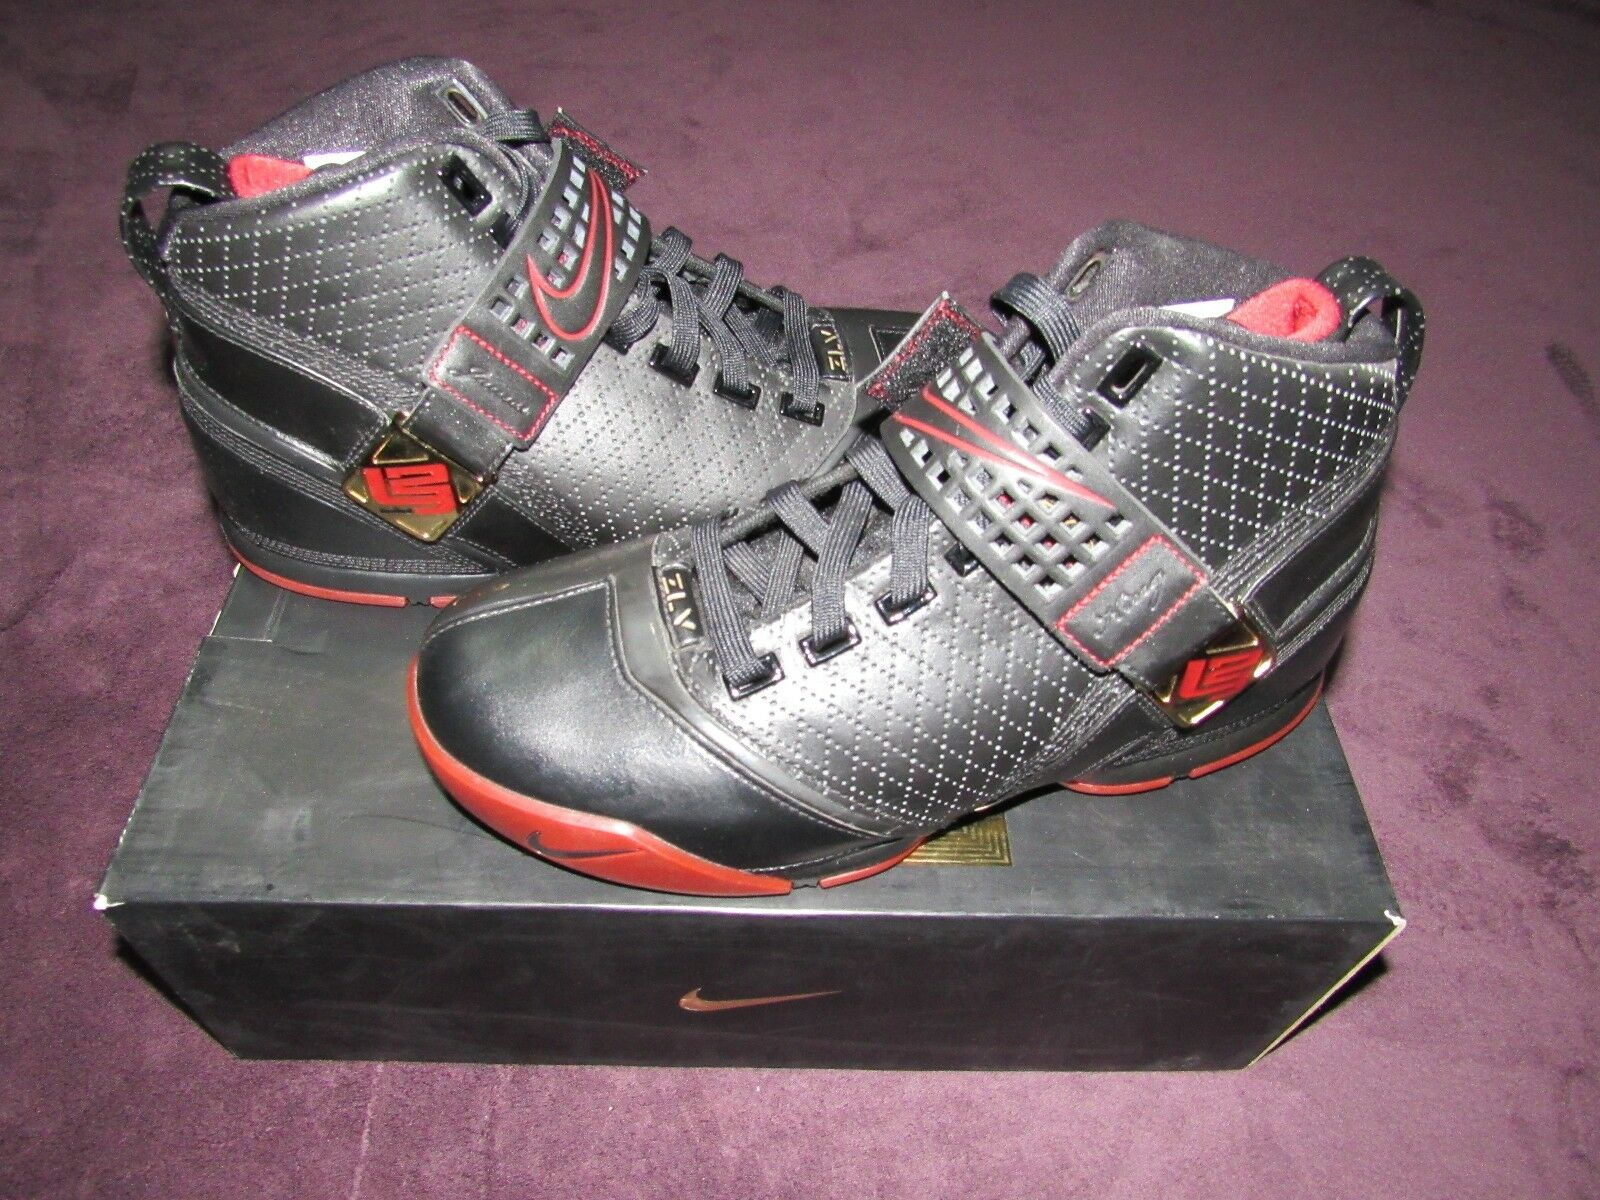 NIB Nike Air Zoom LeBron V 5 Negro Negro 5 Varsity Crimson Metallic Oro Shoes talla 9 nuevos zapatos para hombres y mujeres, el limitado tiempo de descuento 762ed3